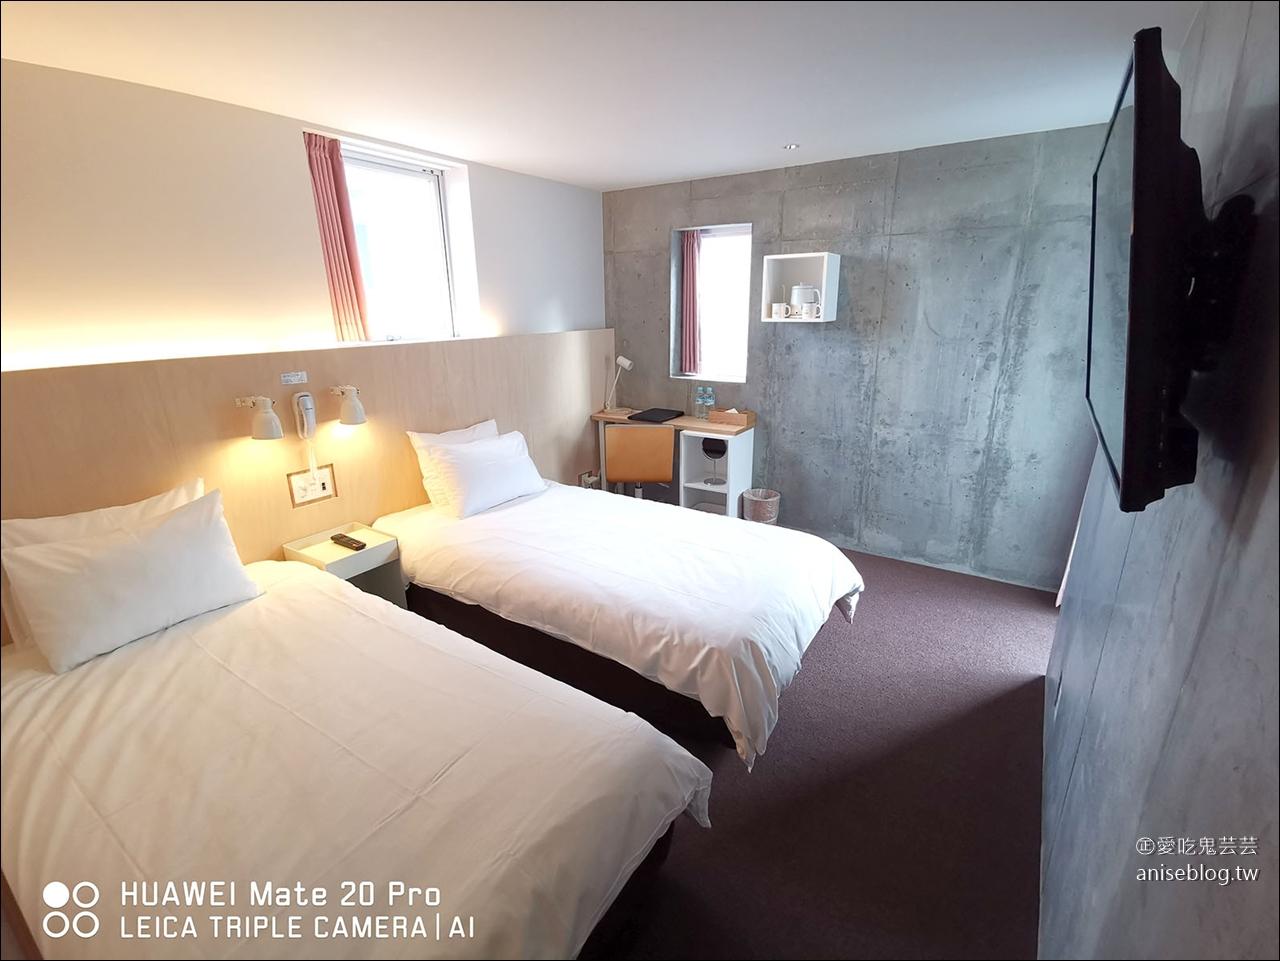 新宿住宿 | 推薦DOMO HOTEL,全新開幕文青旅店僅12間,一房難求!